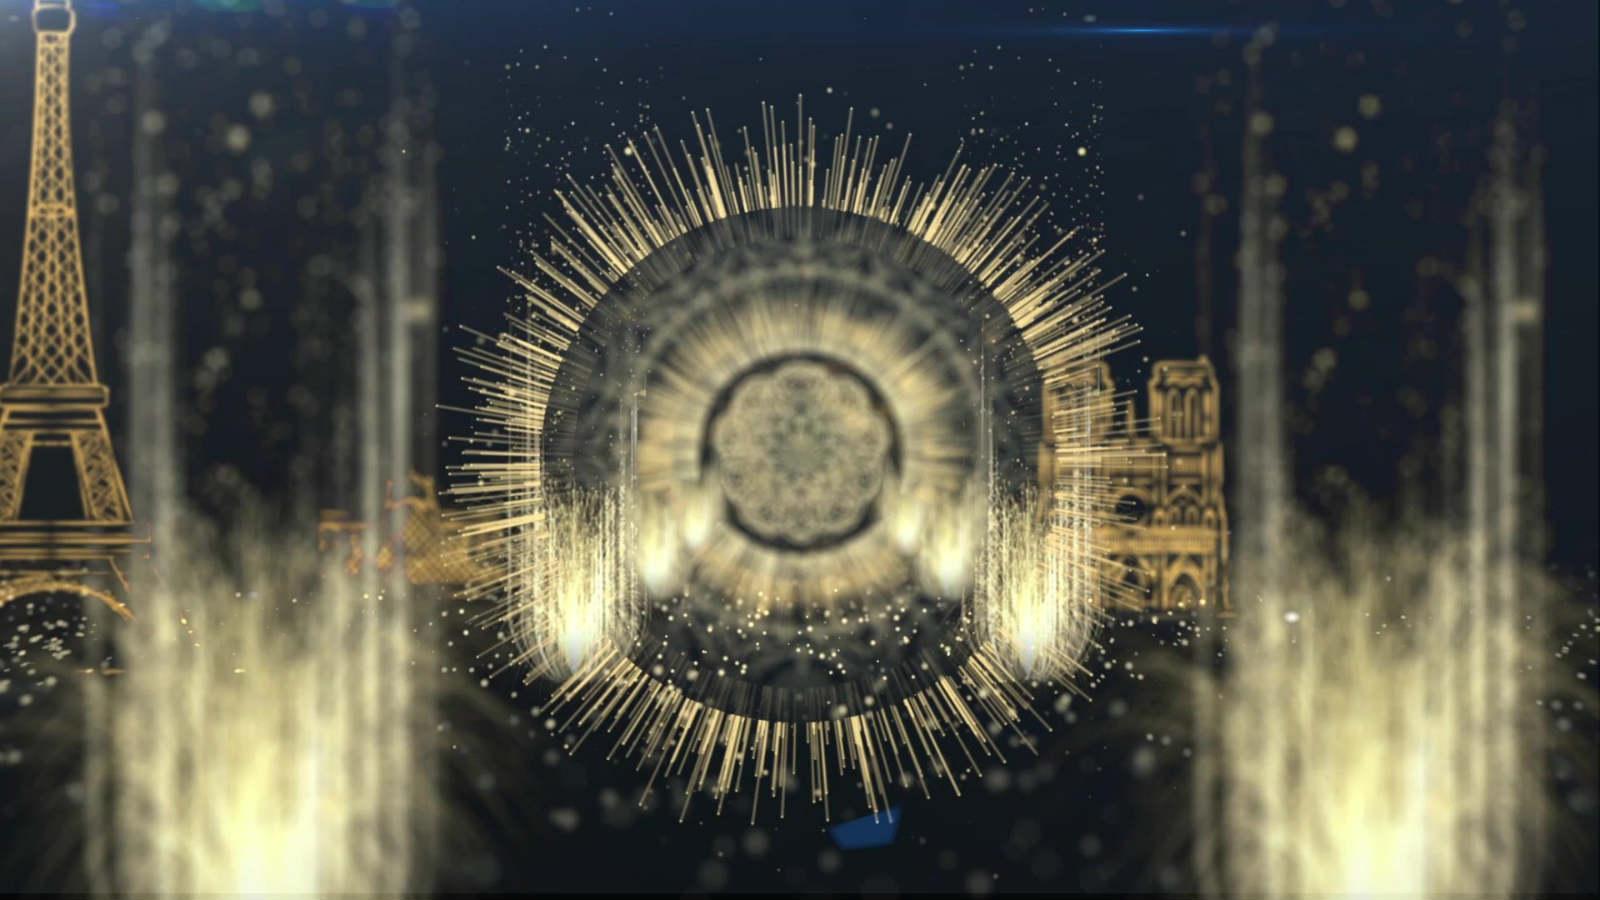 粒子光環片頭視頻素材